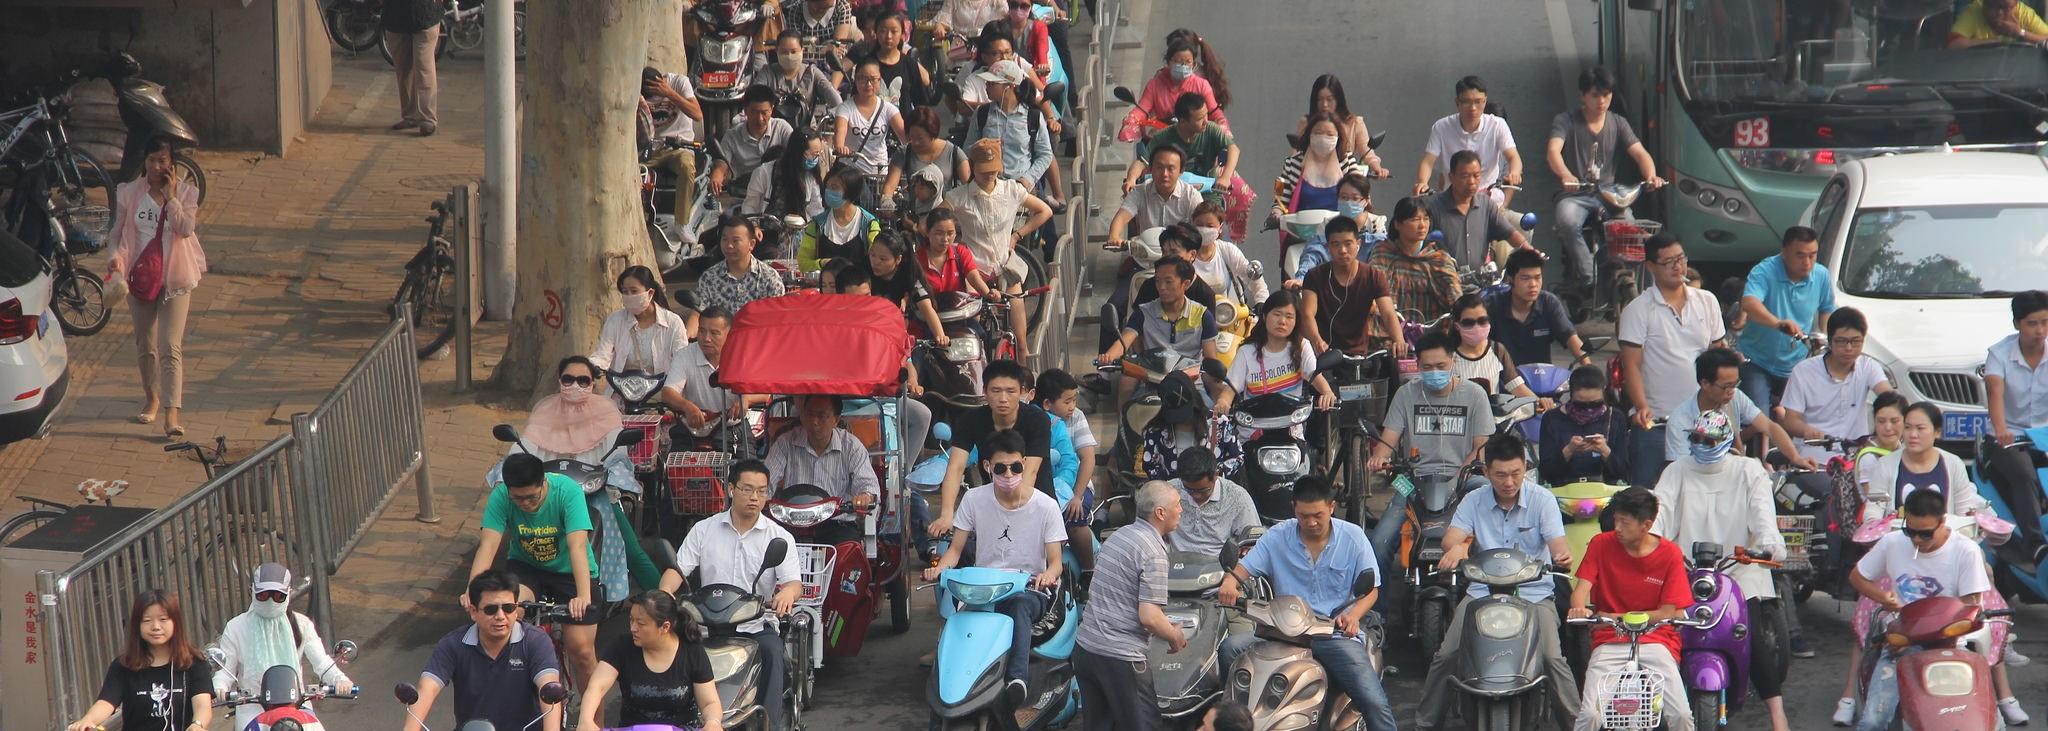 Commuters in Zhengzhou (Photo: Flickr/ V.T. Polywoda)